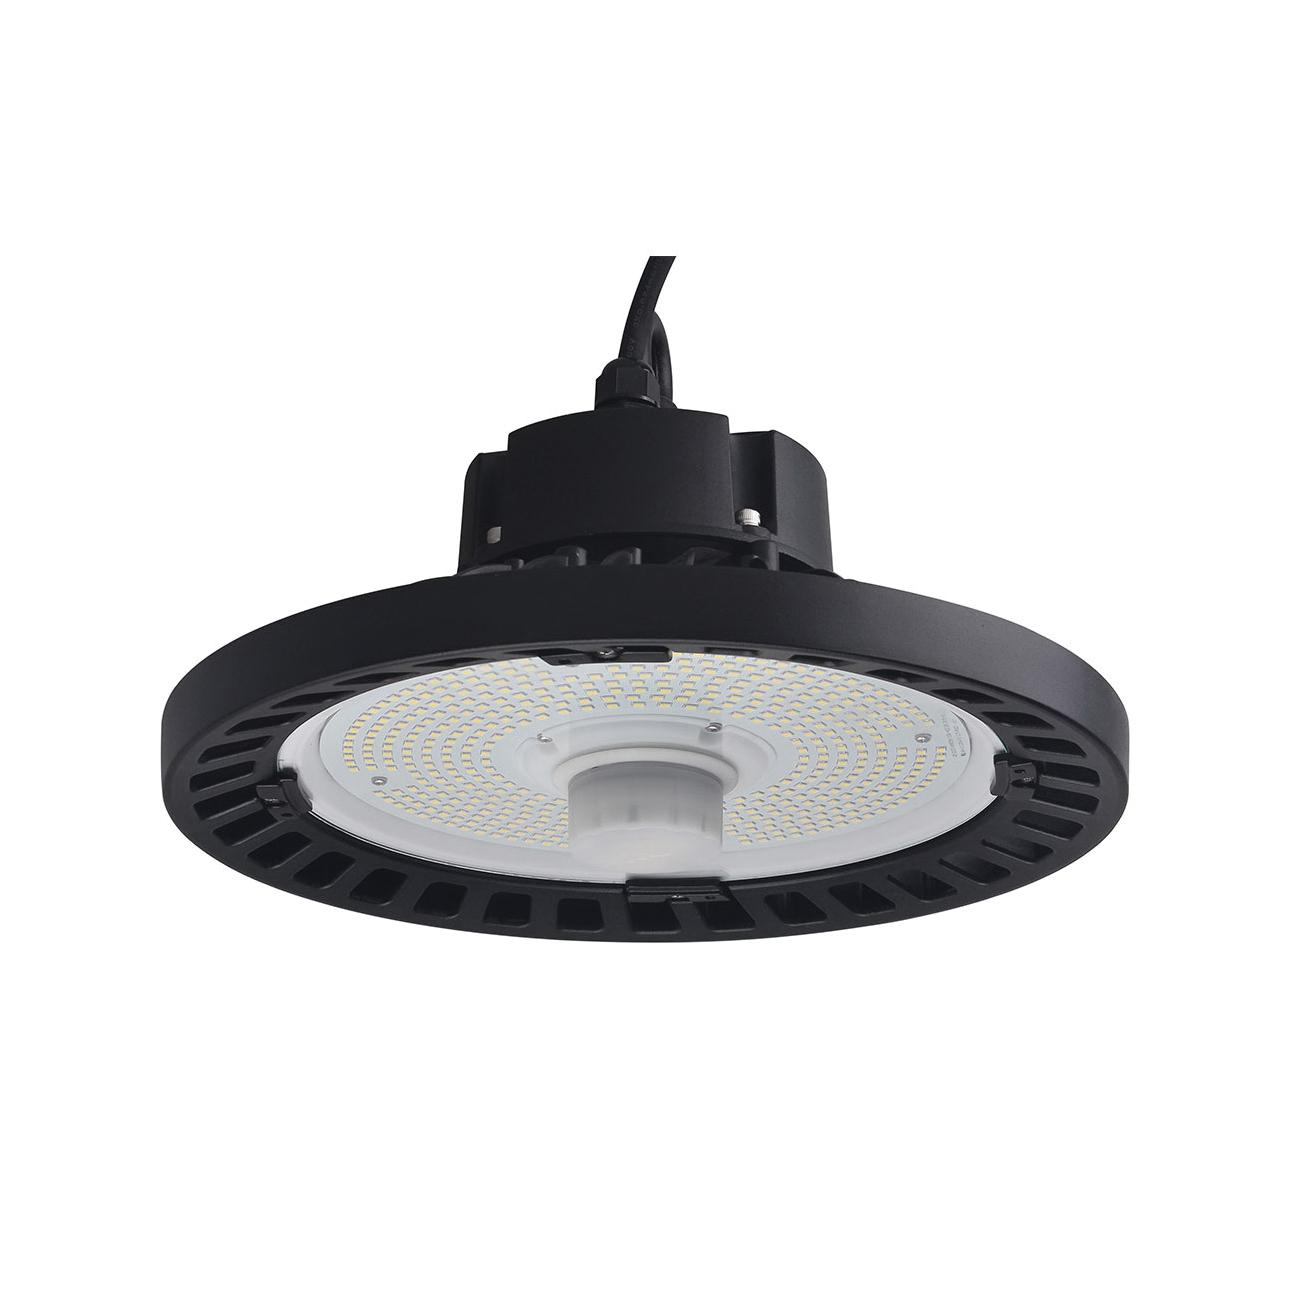 CSC LED HB7B-150W-40K-UD-GL